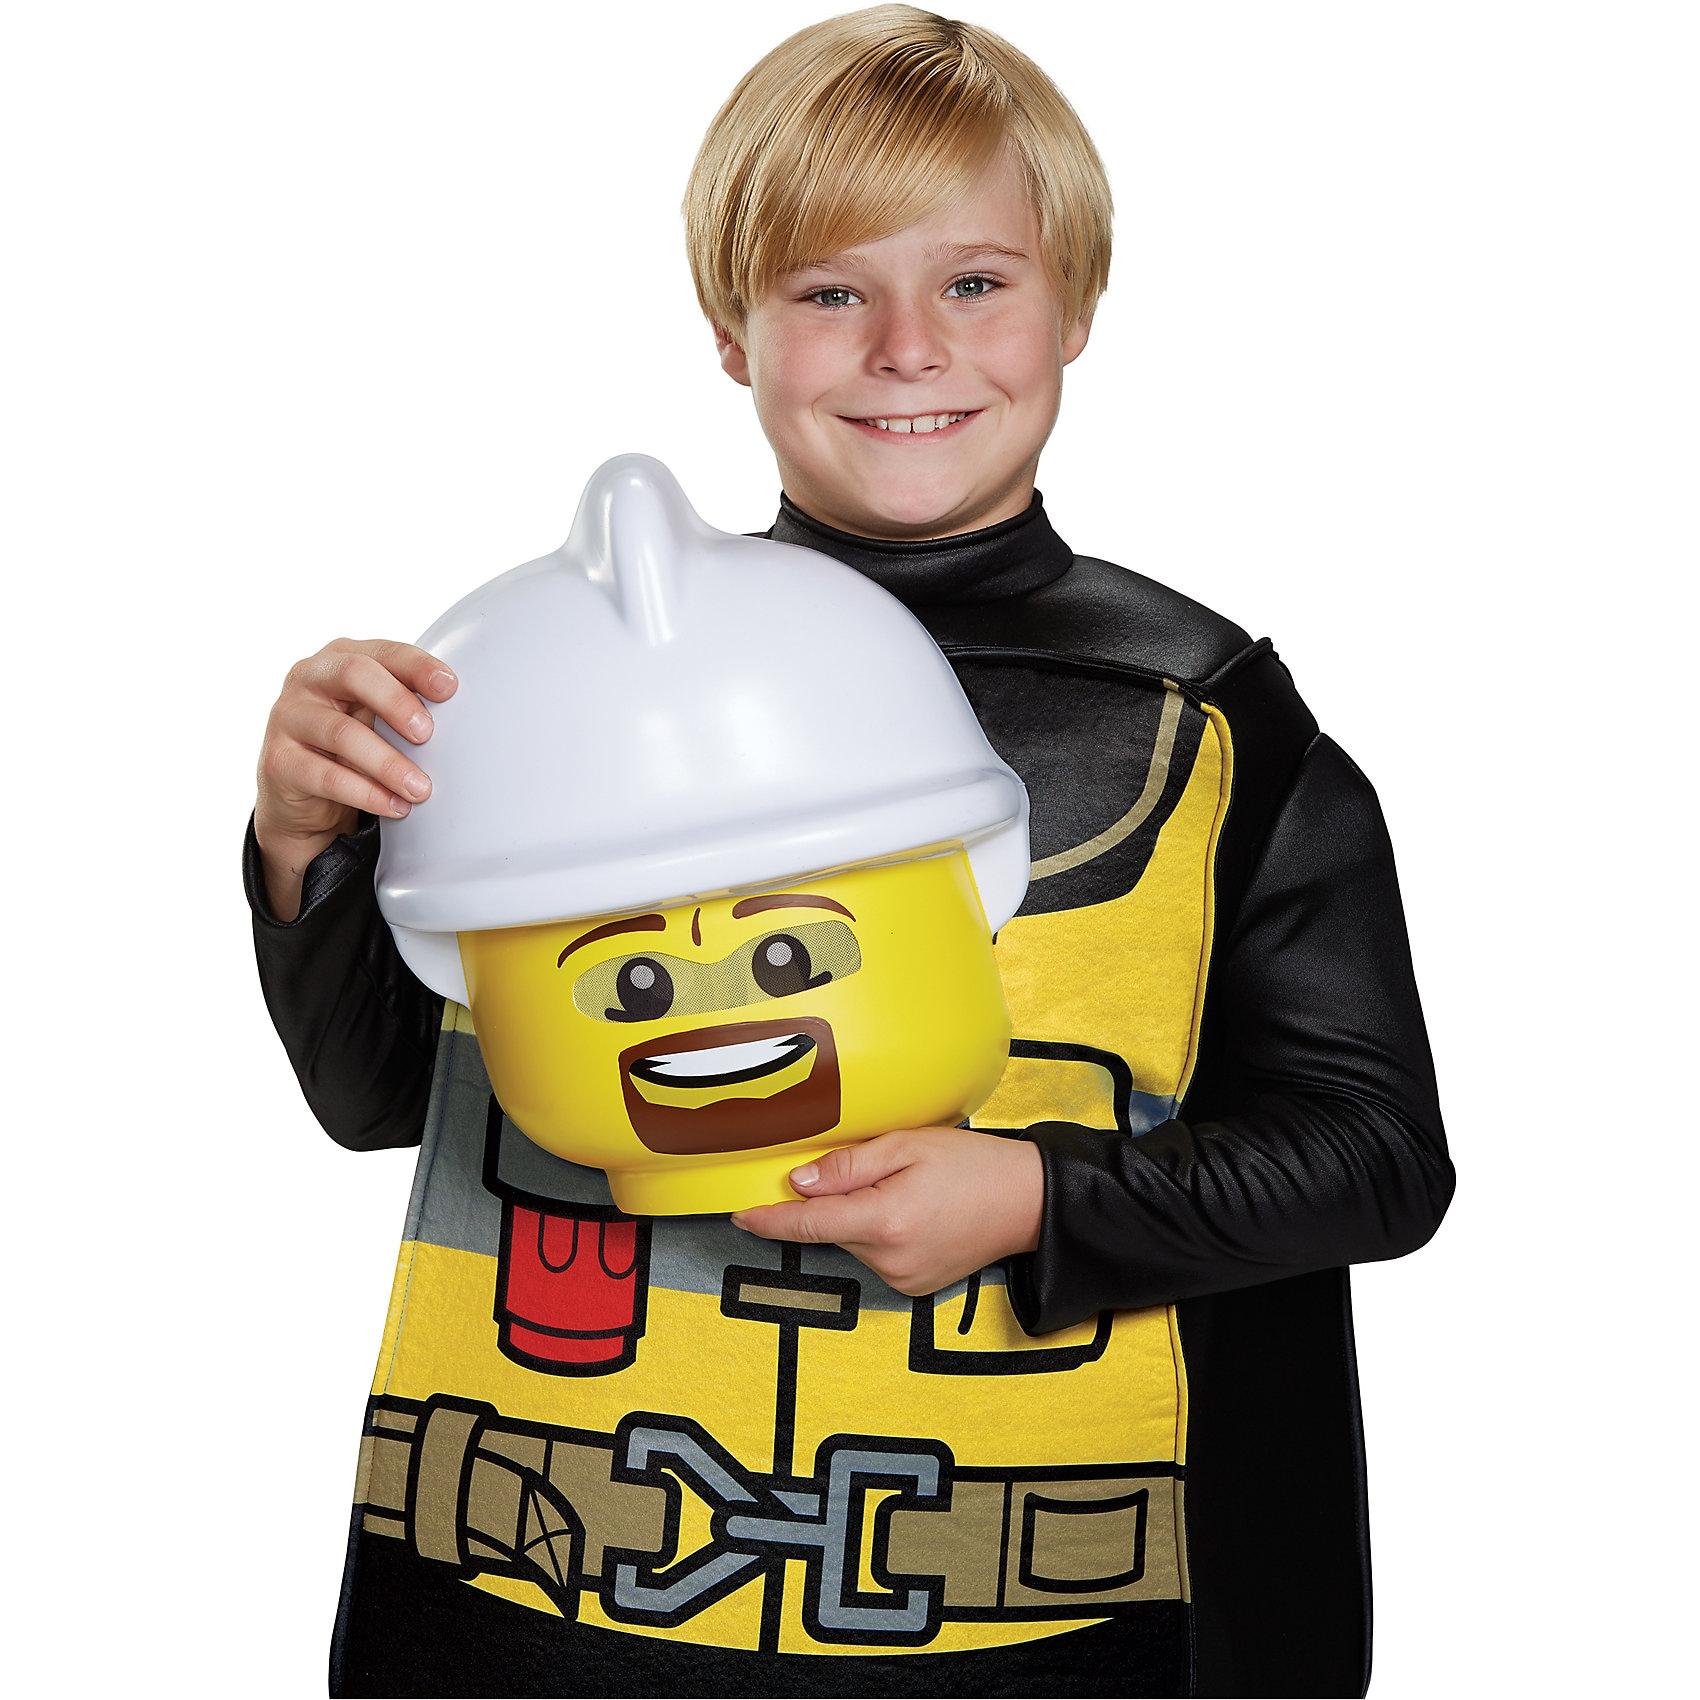 Lego Feuerwehrmann Classic Kostüm 4-teilig